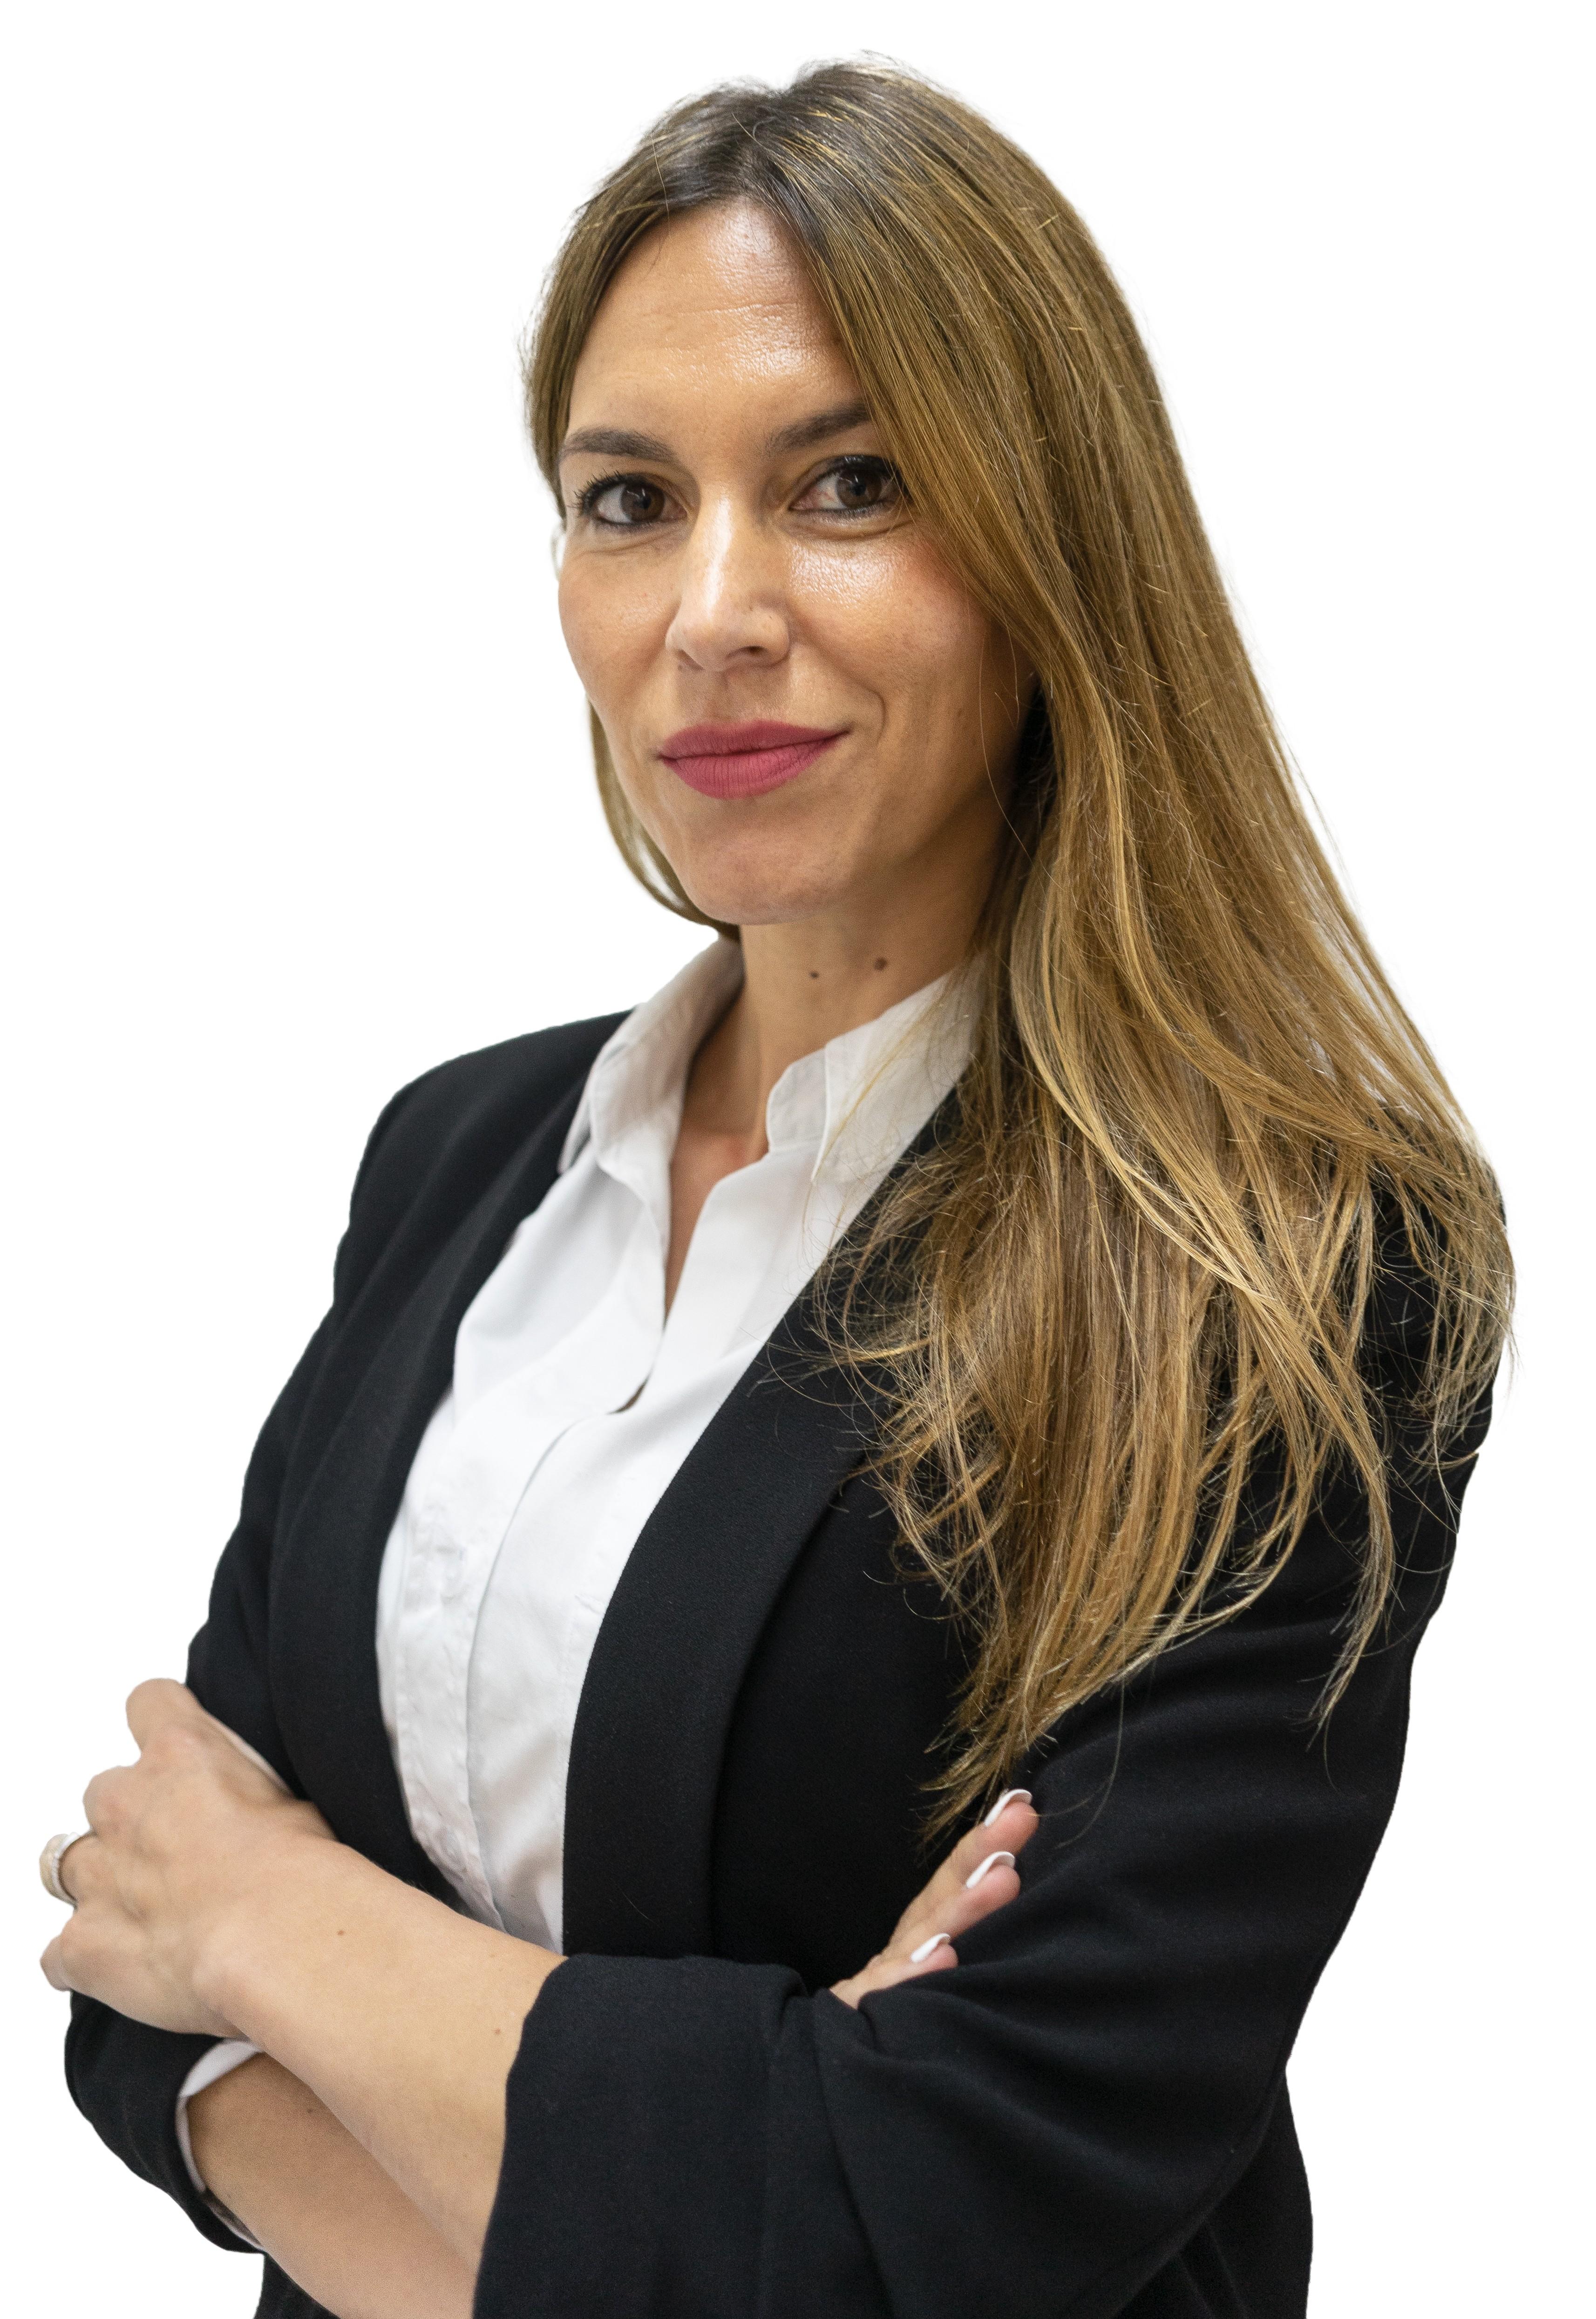 Silvia Velasco Rodríguez